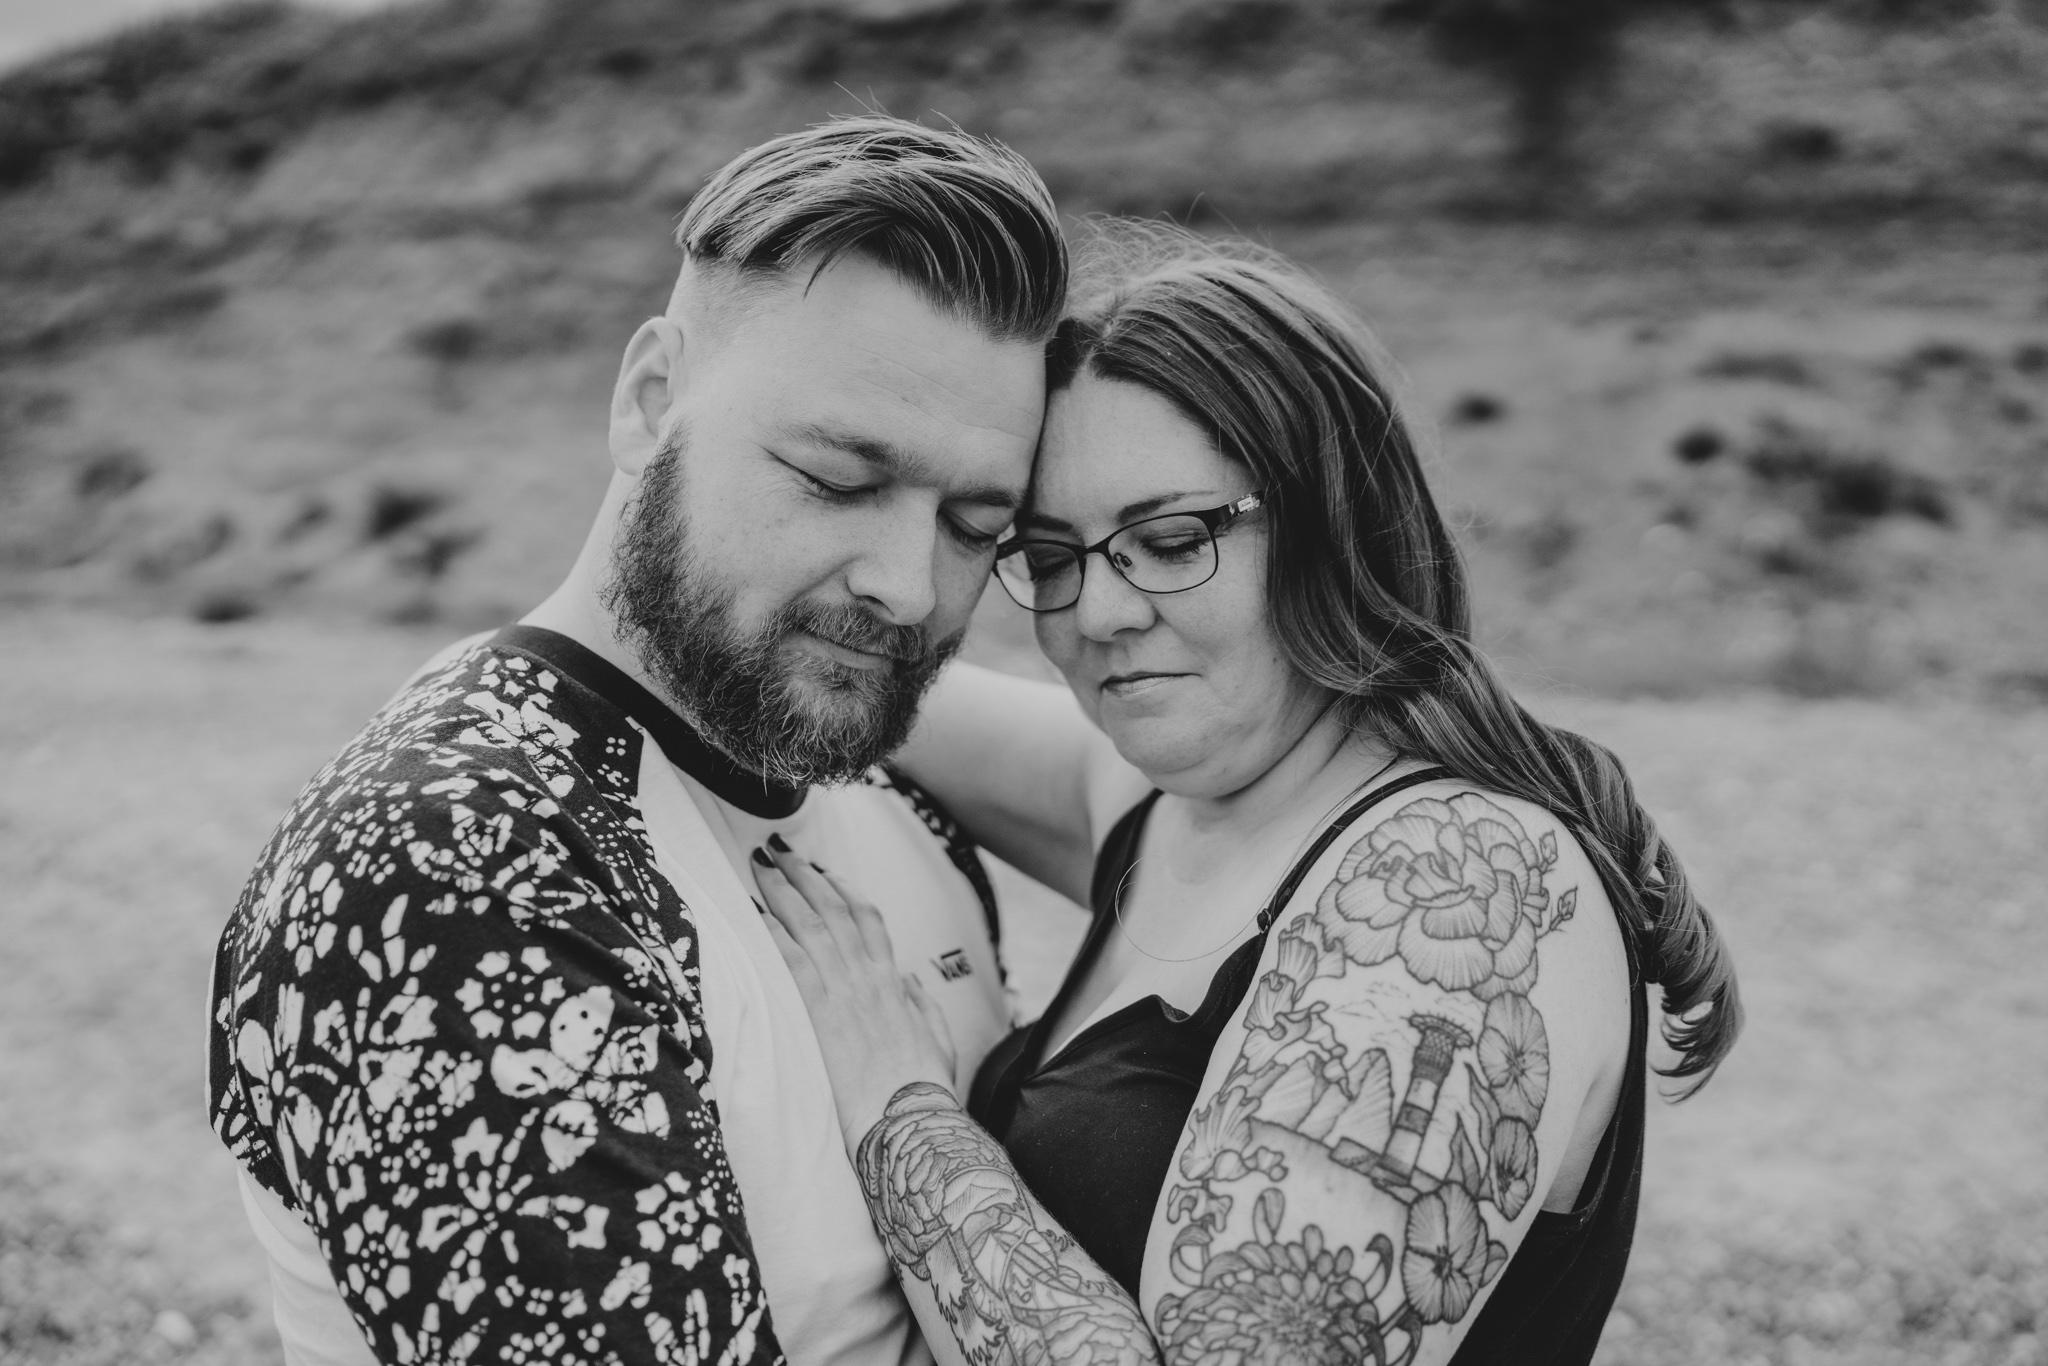 katrina-jim-cudmore-grove-beach-couple-engagement-session-grace-elizabeth-colchester-essex-alternative-wedding-lifestyle-photographer-essex-suffolk-norfolk-devon (34 of 47).jpg